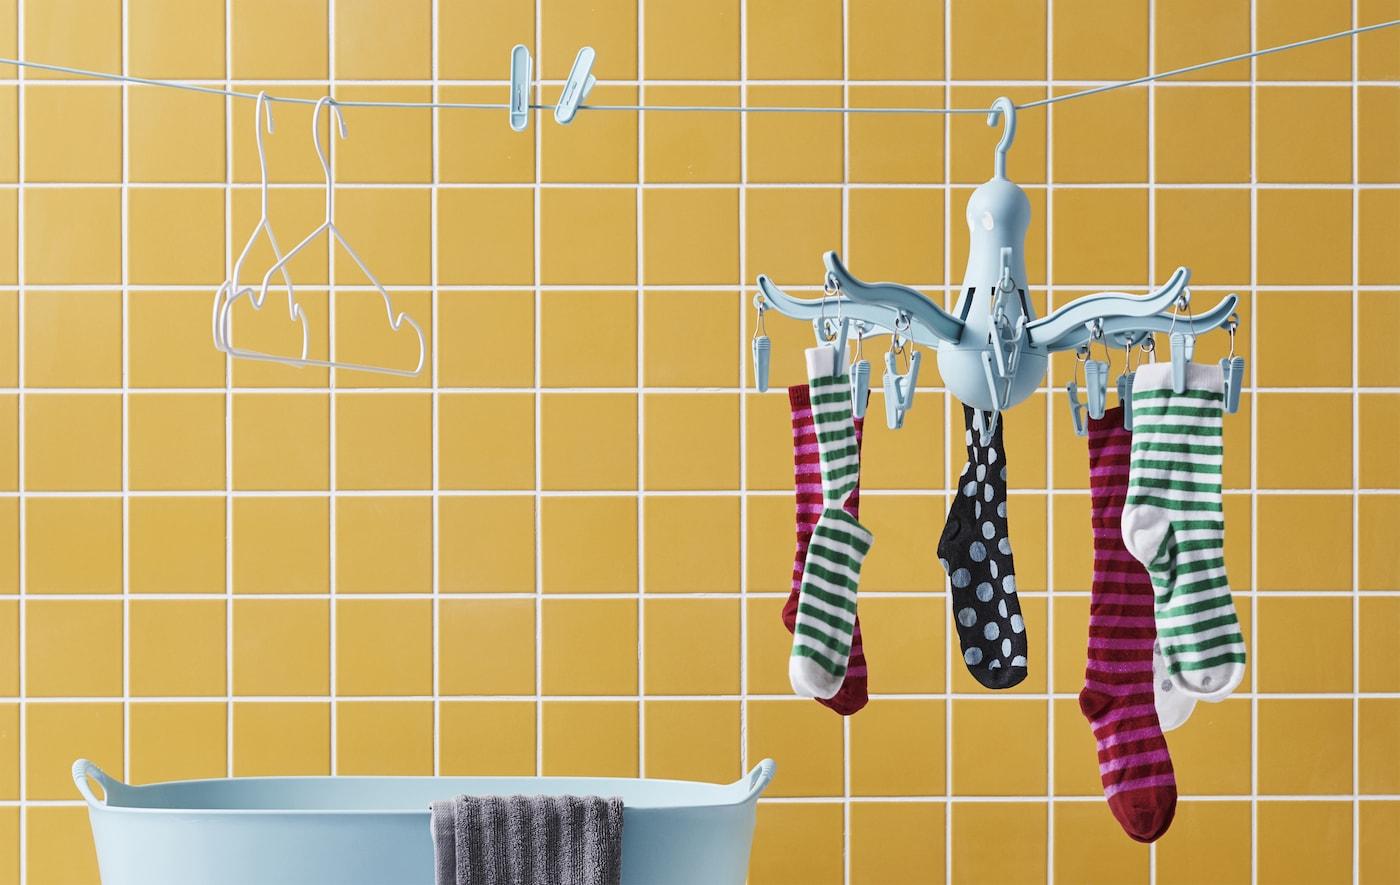 Calzini appesi a uno stendibiancheria turchese, mollette e grucce su un filo da bucato sullo sfondo di piastrelle gialle - IKEA